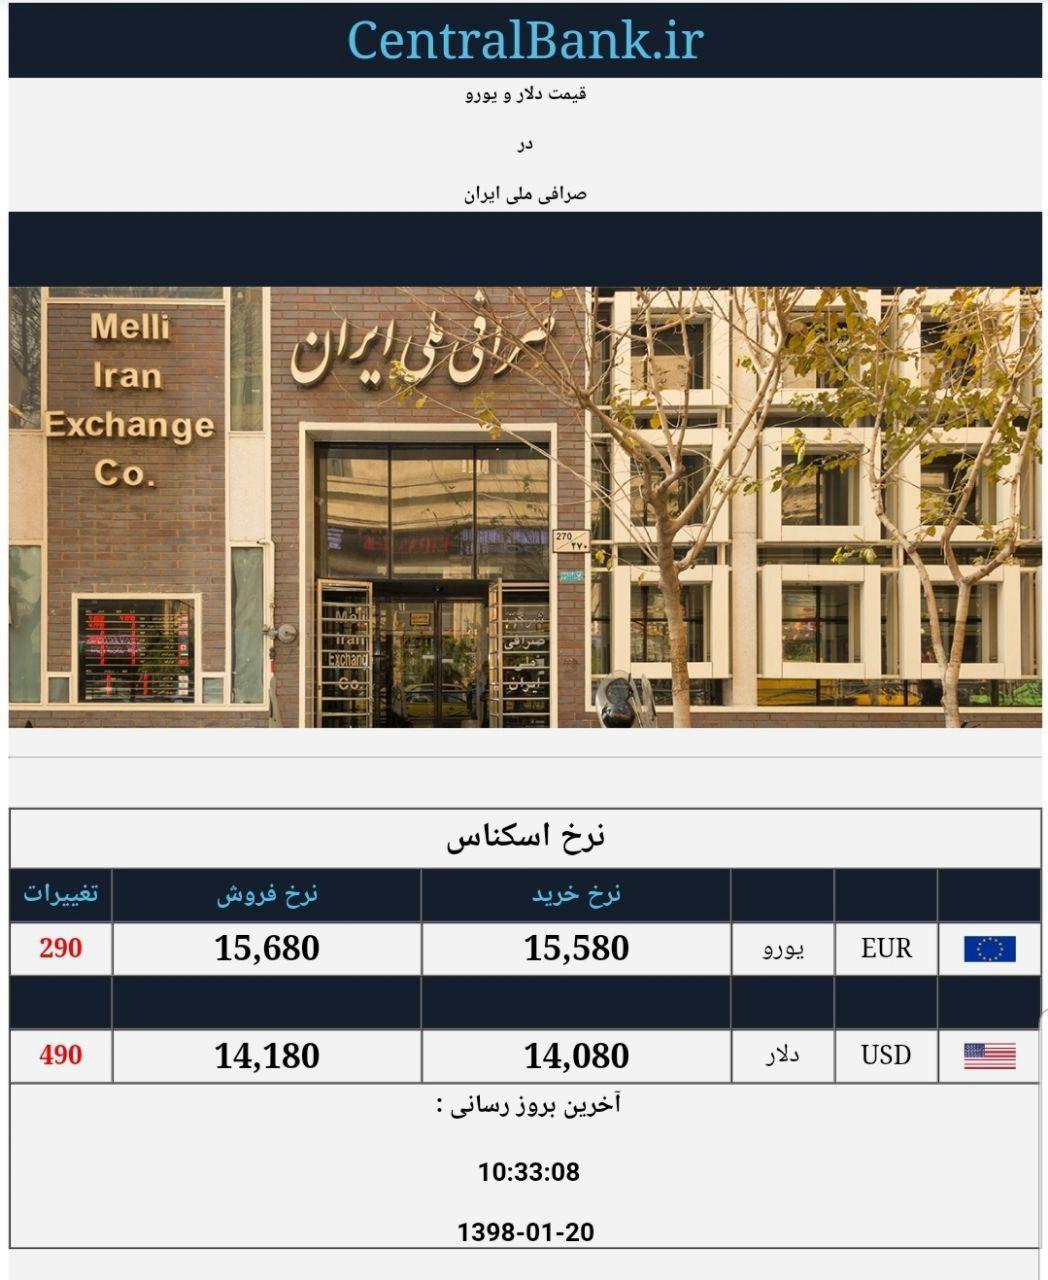 قیمت دلار در صرافی ملی امروز ۱۳۹۸/۰۱/۲۰ |صعود قیمت به کانال 14 هزار تومانی